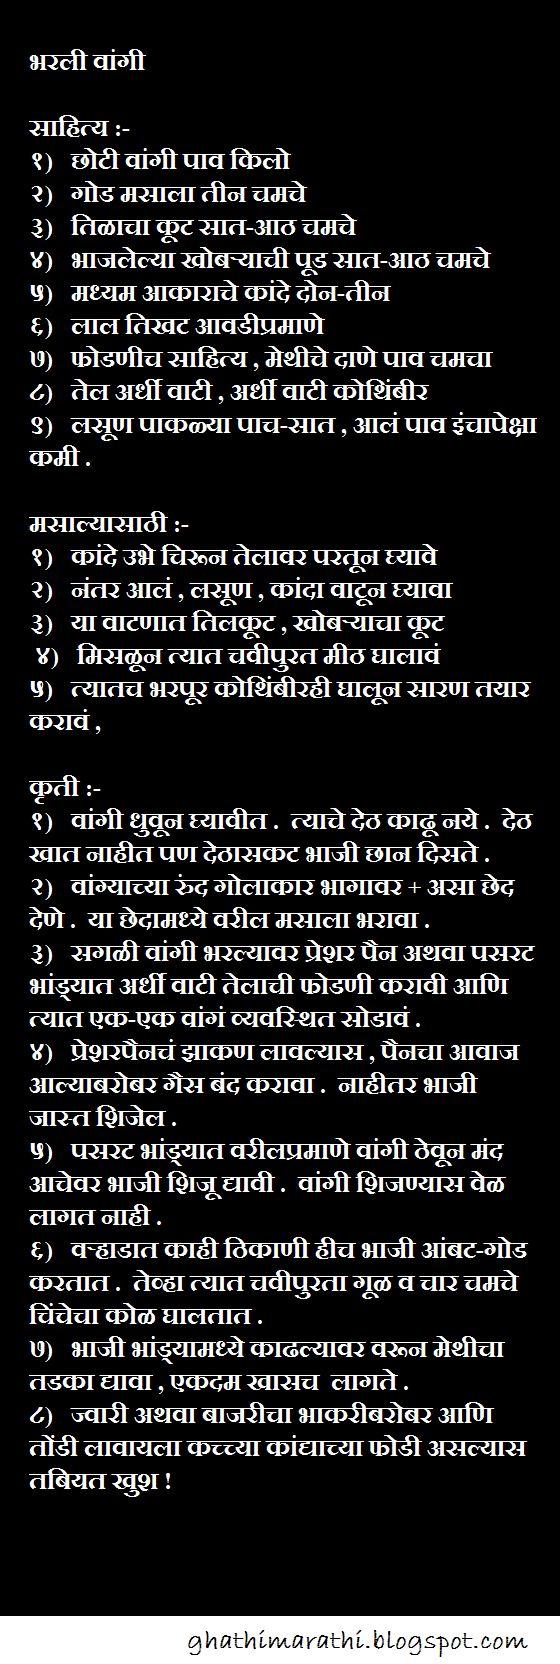 Bharli Vangi